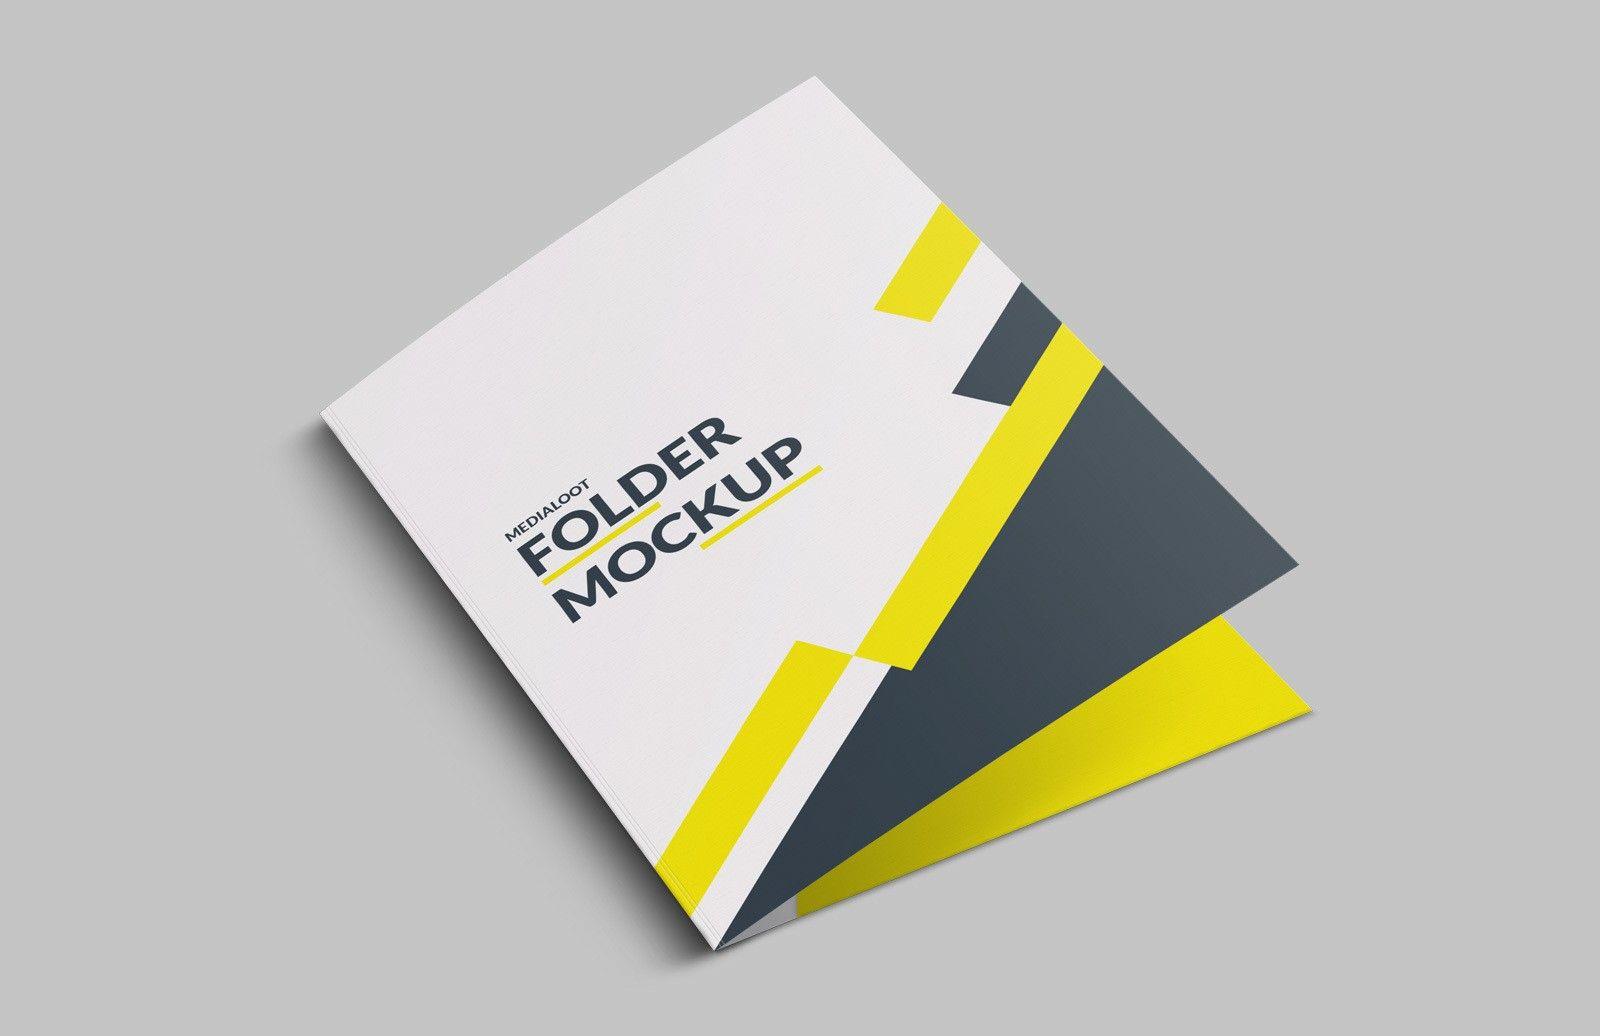 Medialoot Folder Mockup For Photoshop Folder Mockup Folder Design Presentation Folder Design